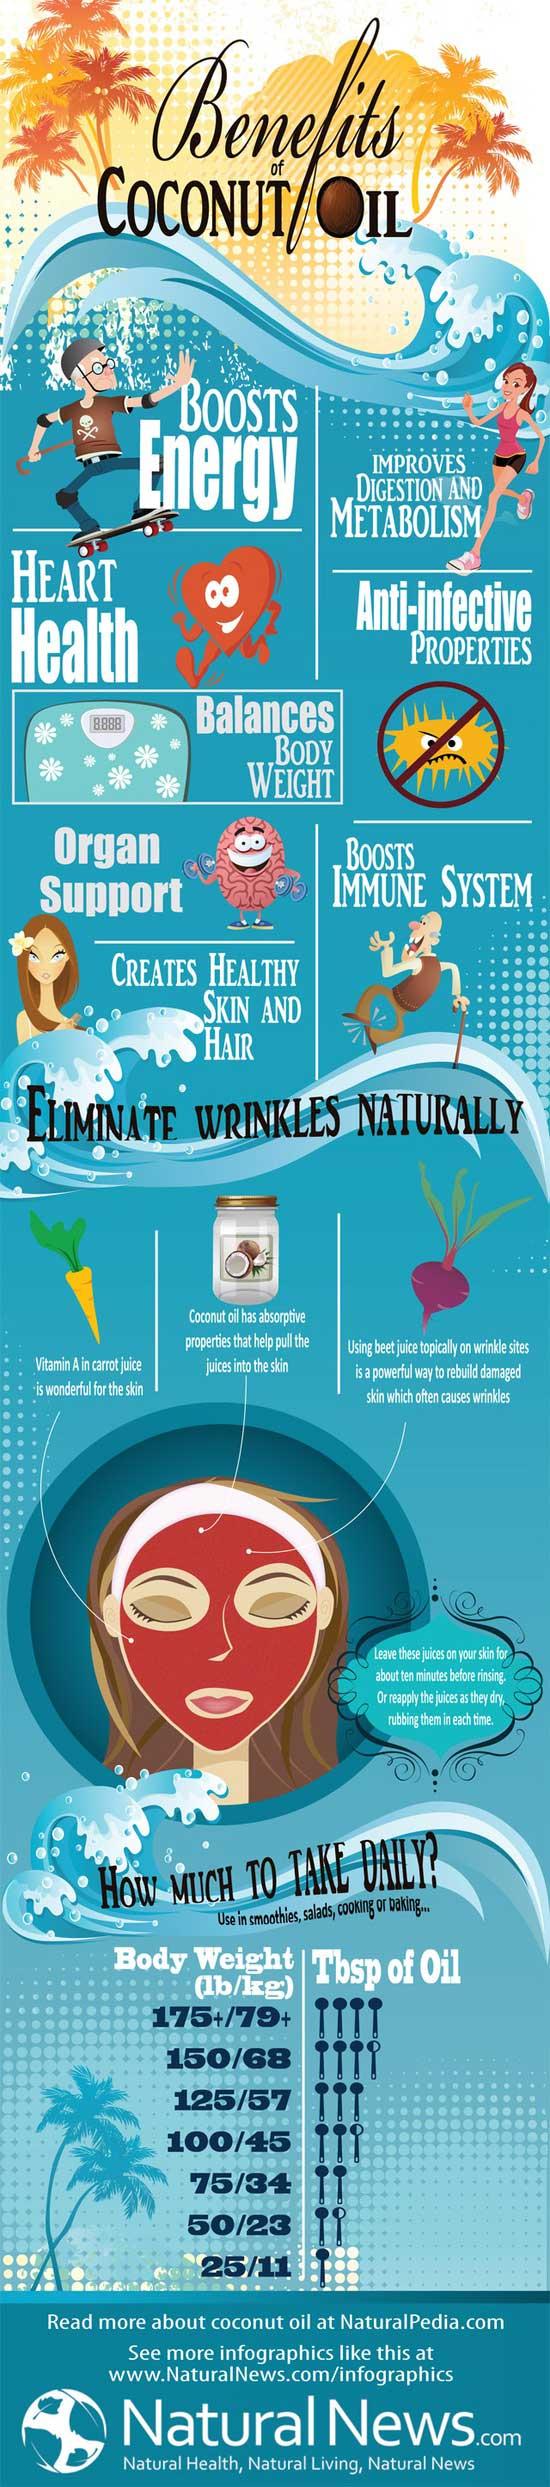 नारियल तेल के स्वास्थ्य लाभ